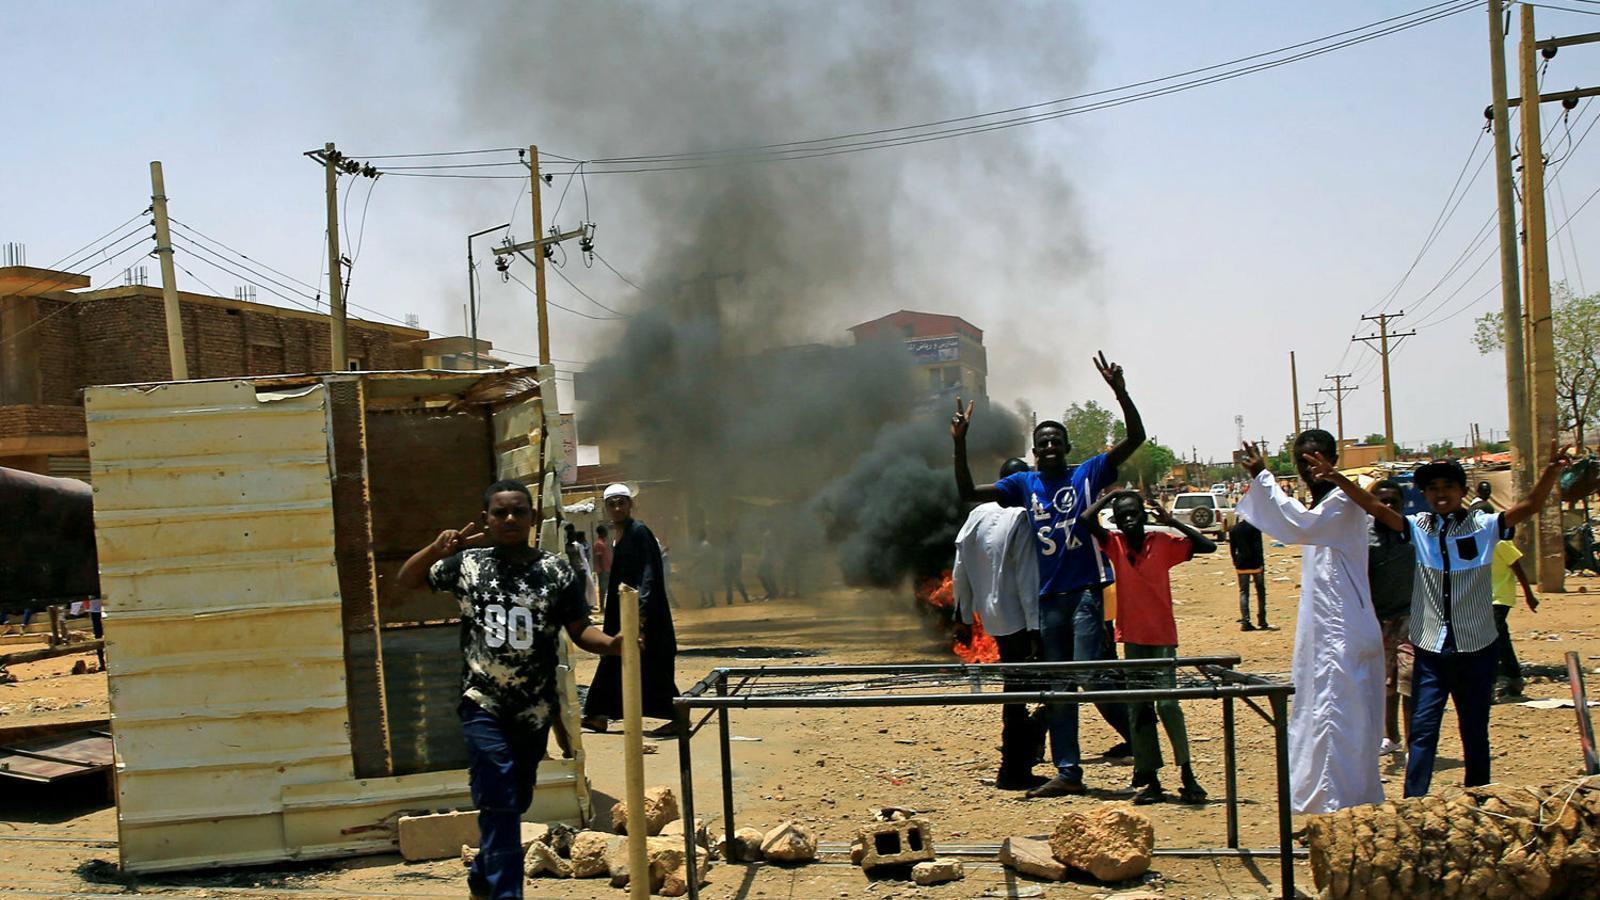 Guia per entendre què passa al Sudan